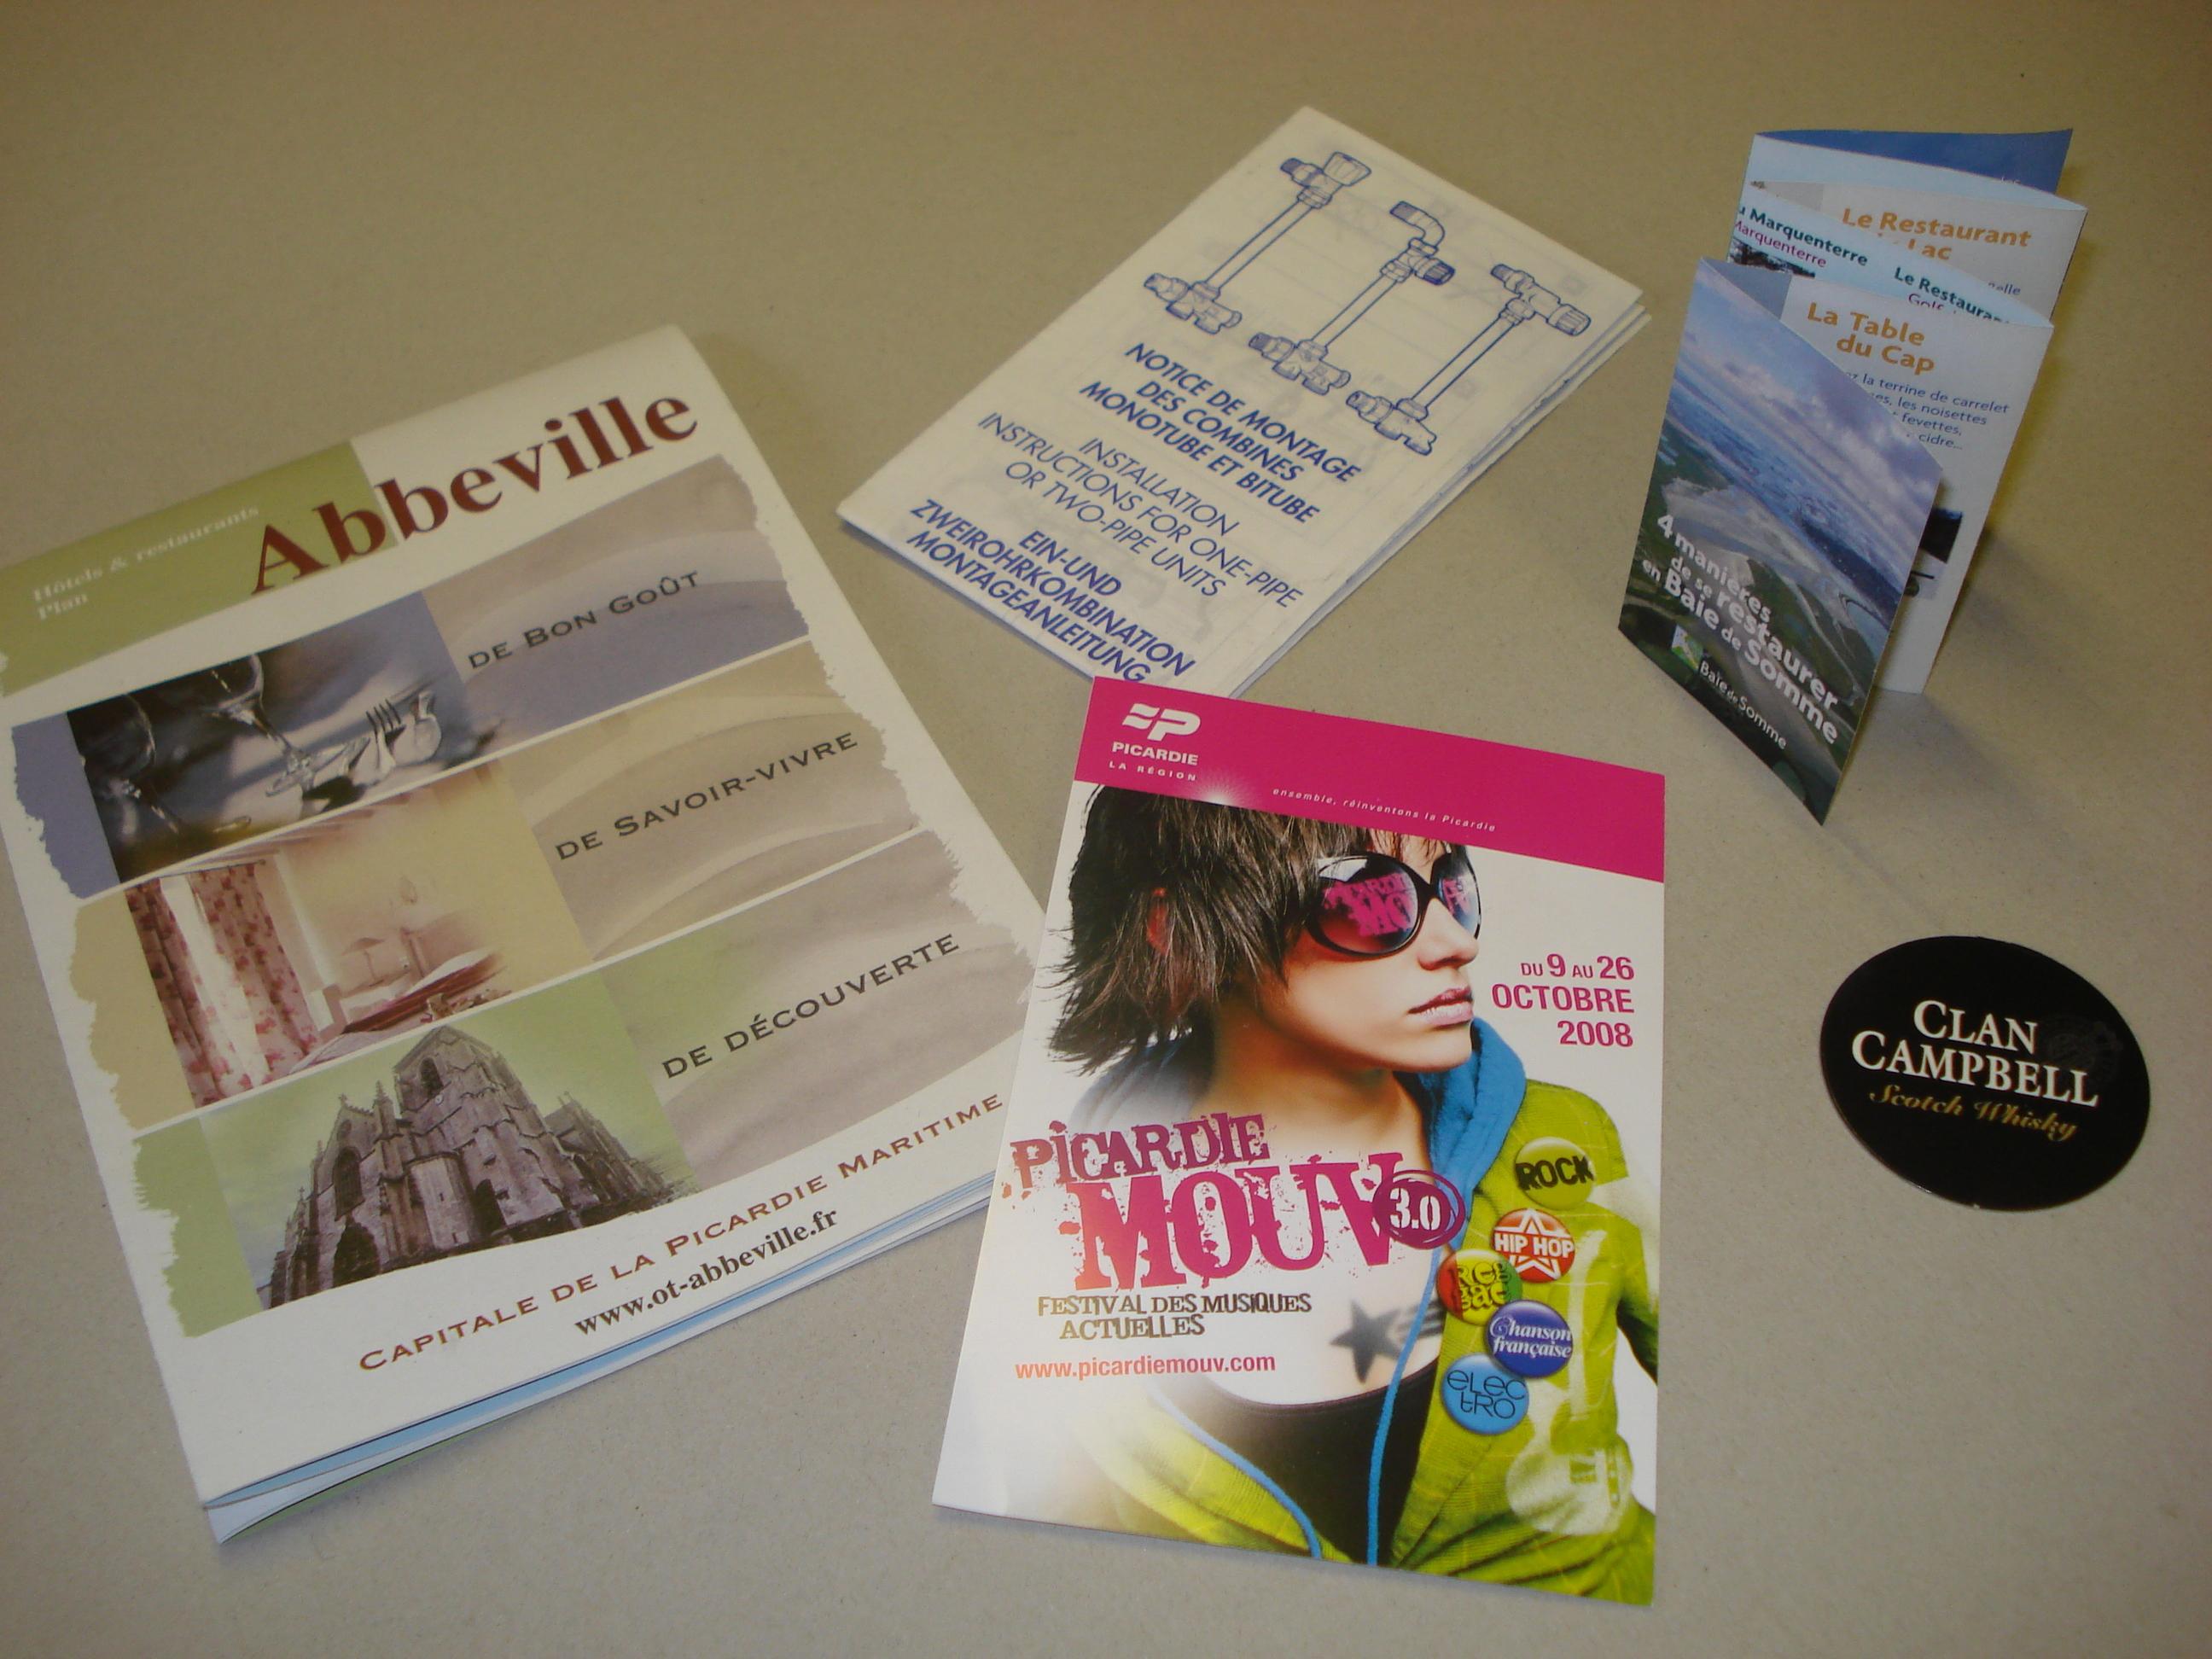 Imprimerie Carré – Impression de tous documents administratifs, publicitaires et commerciaux